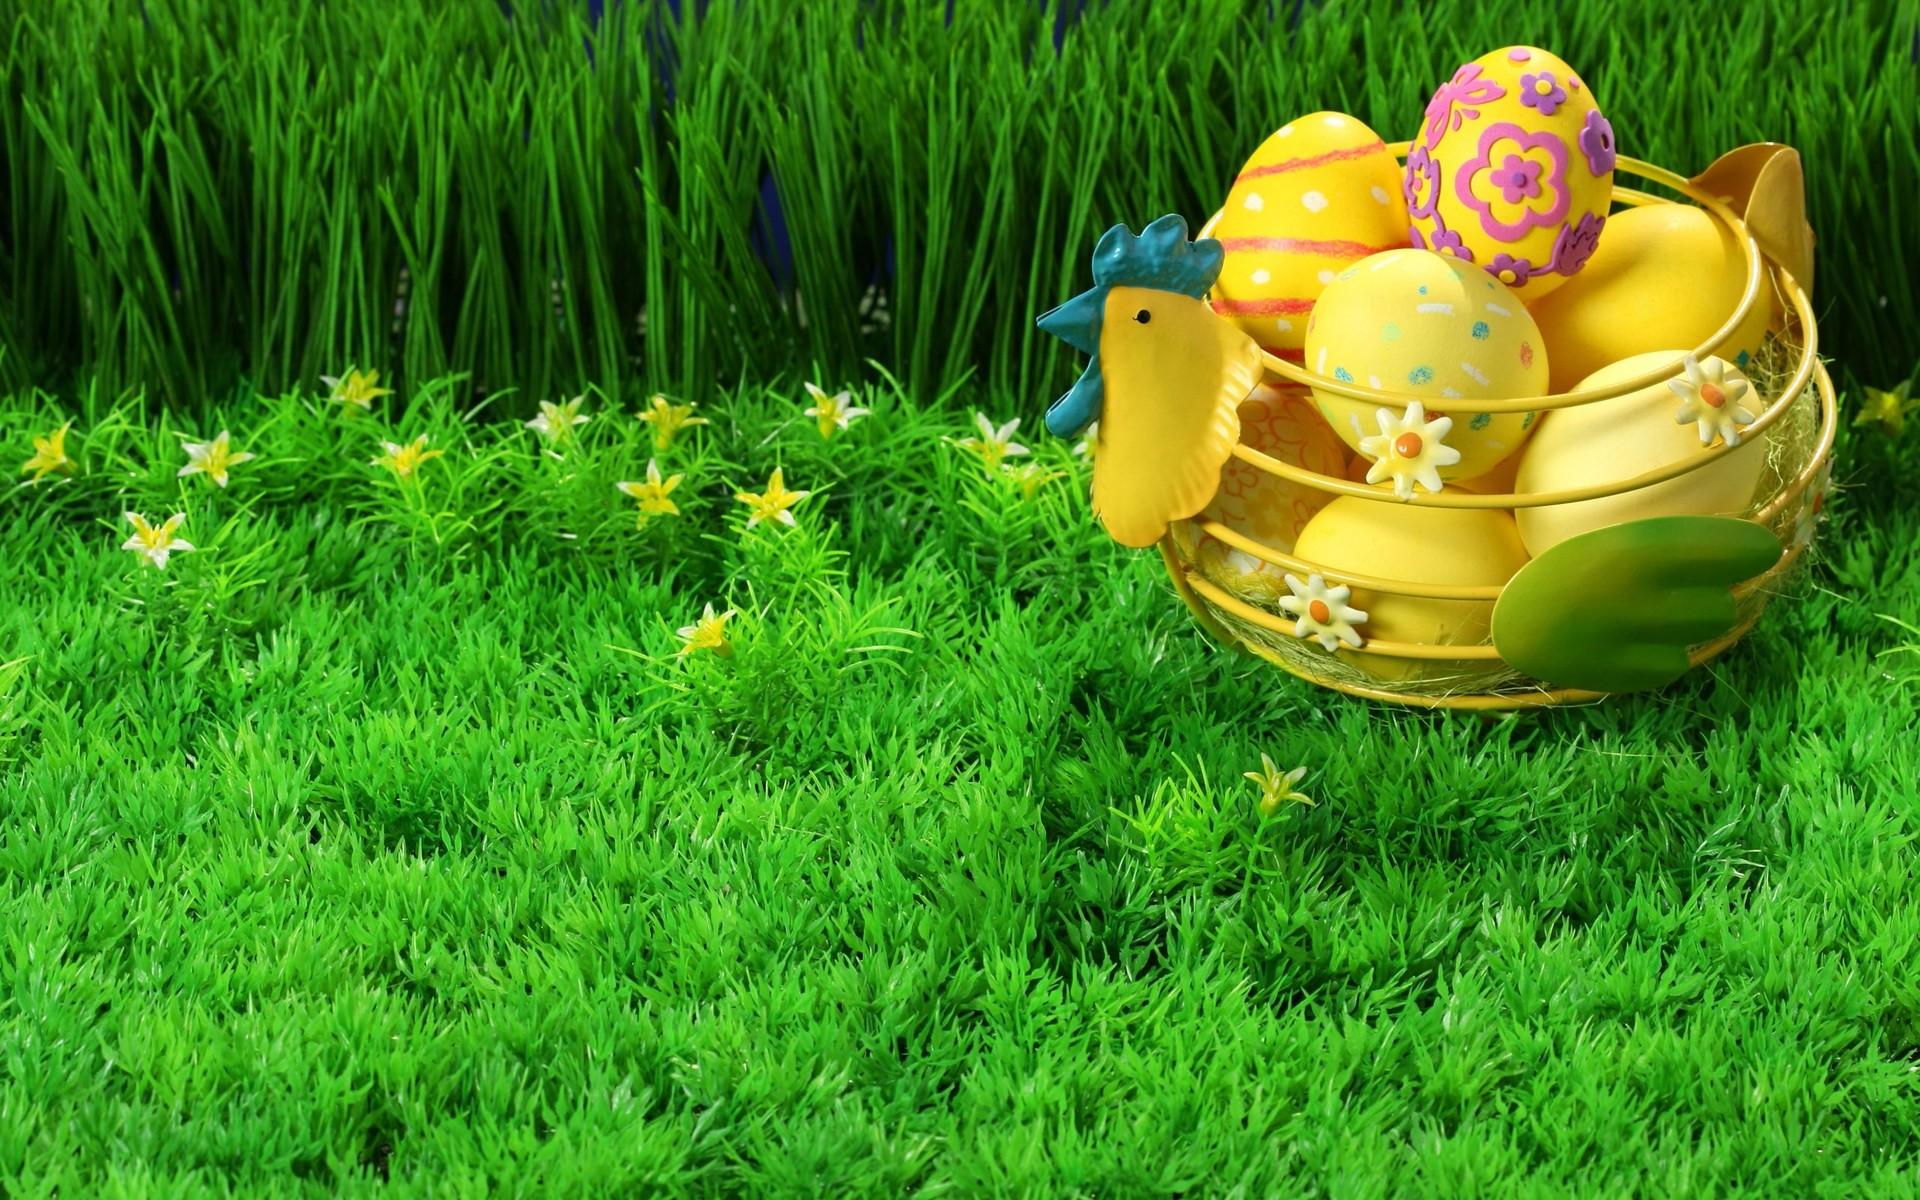 весна, яйца, травка зеленая, скачать фото, spring wallpaper